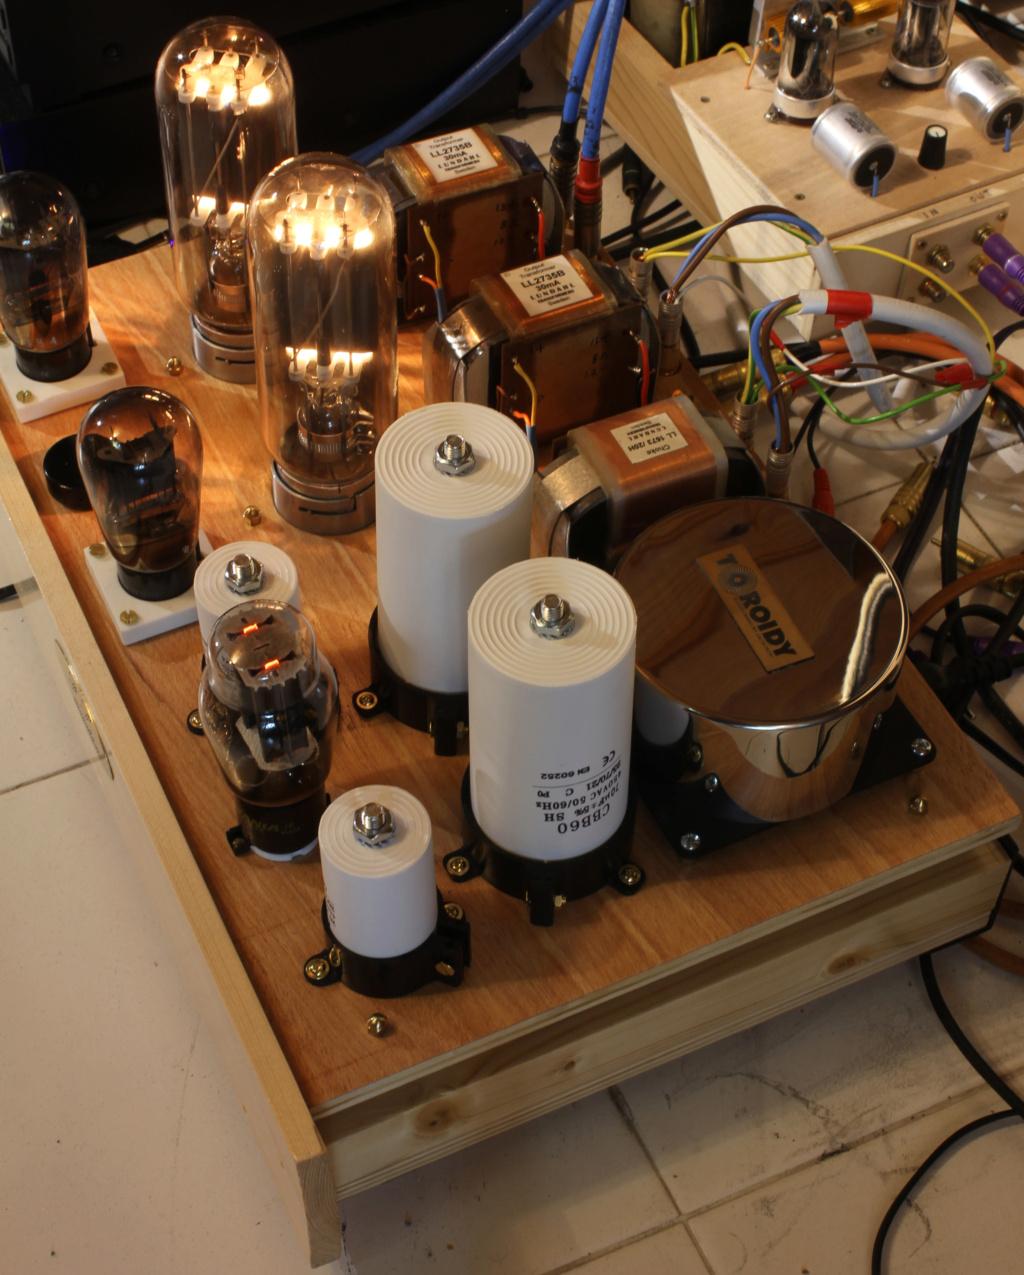 diy valvulas preamplificadores, amplificadores e mais.... - Página 4 Img_6910